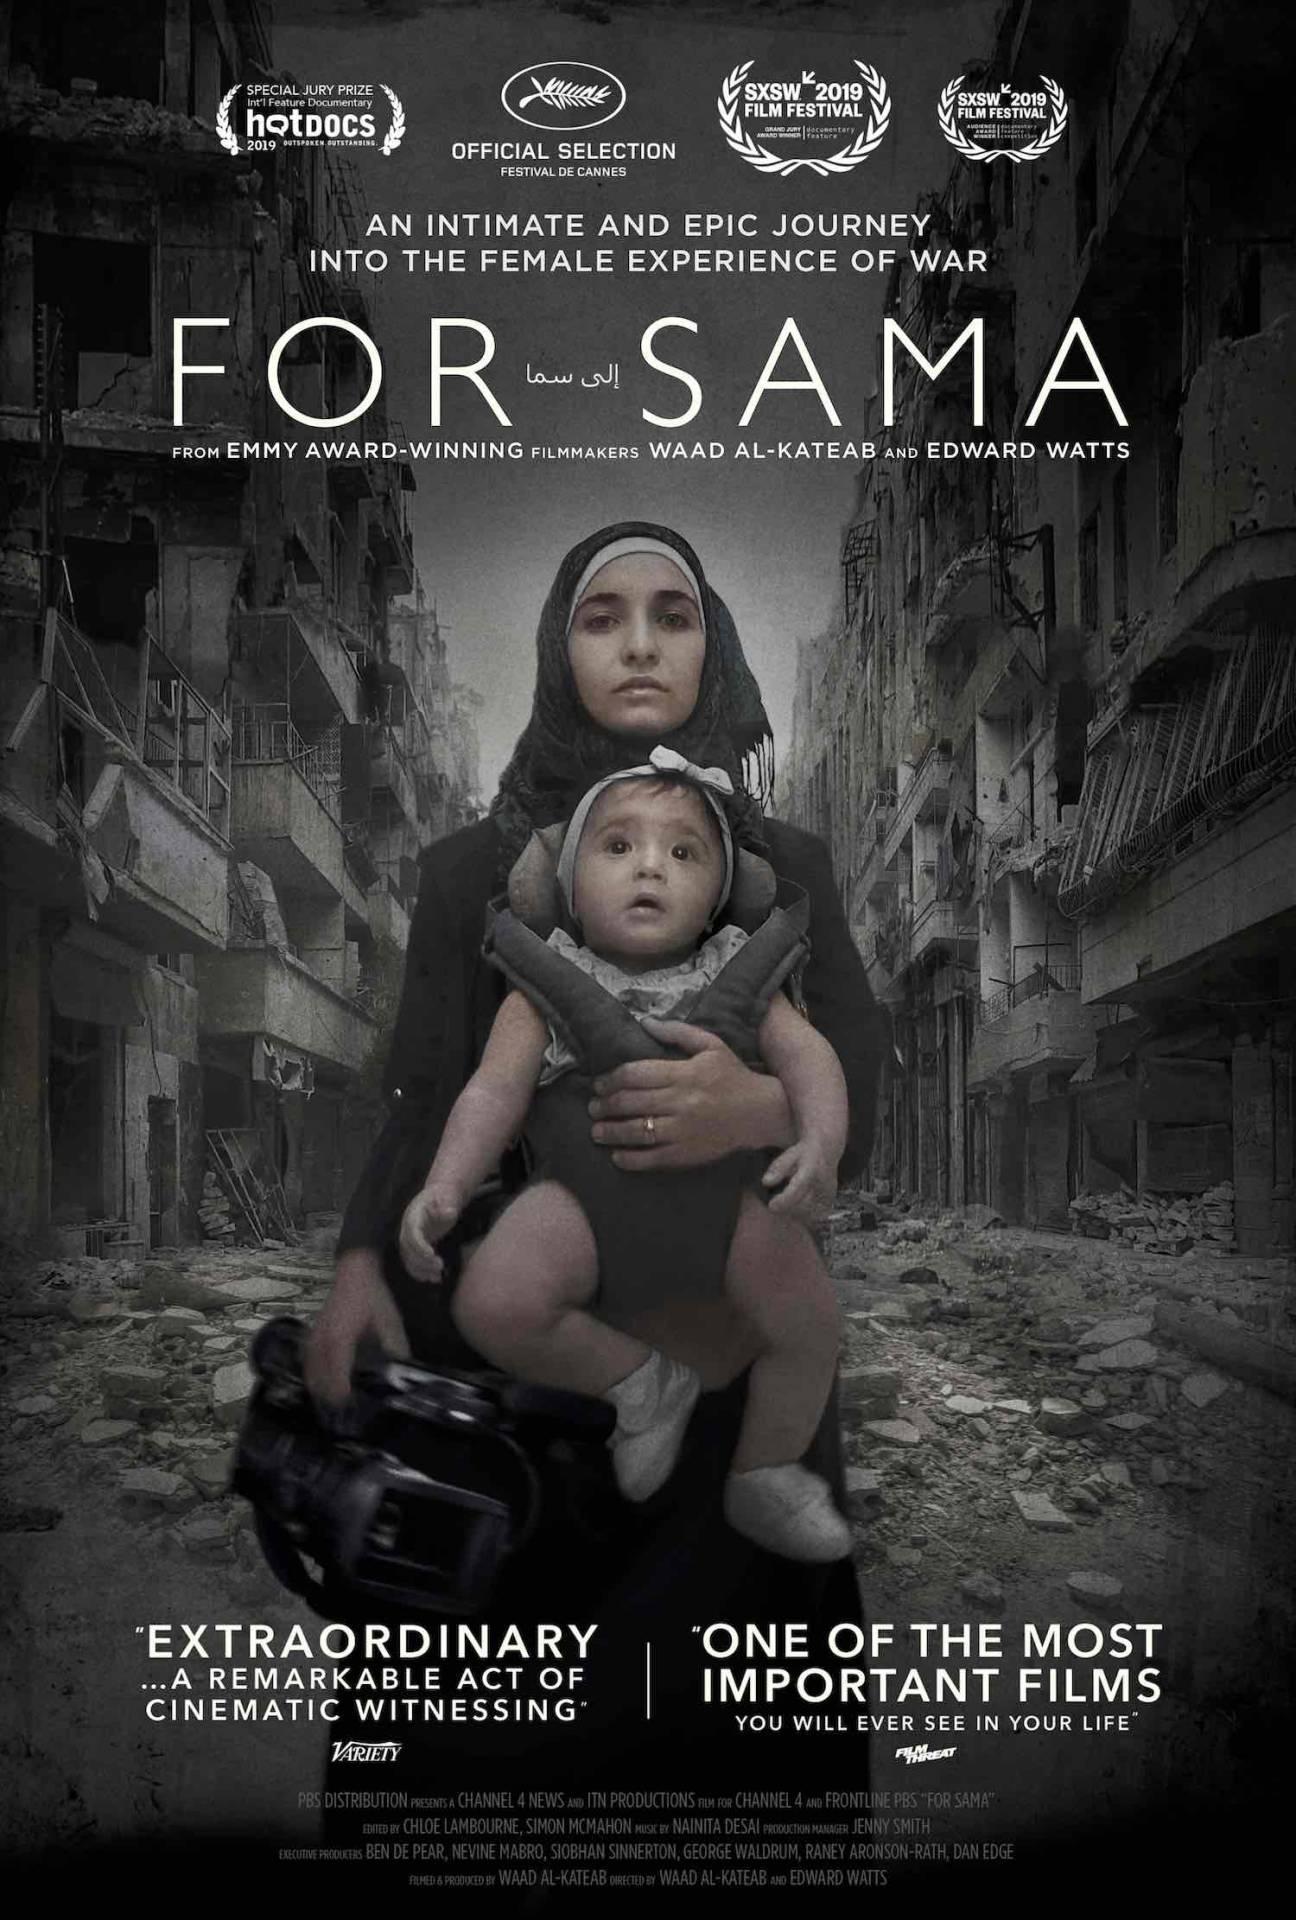 Bildergebnis für FOR SAMA